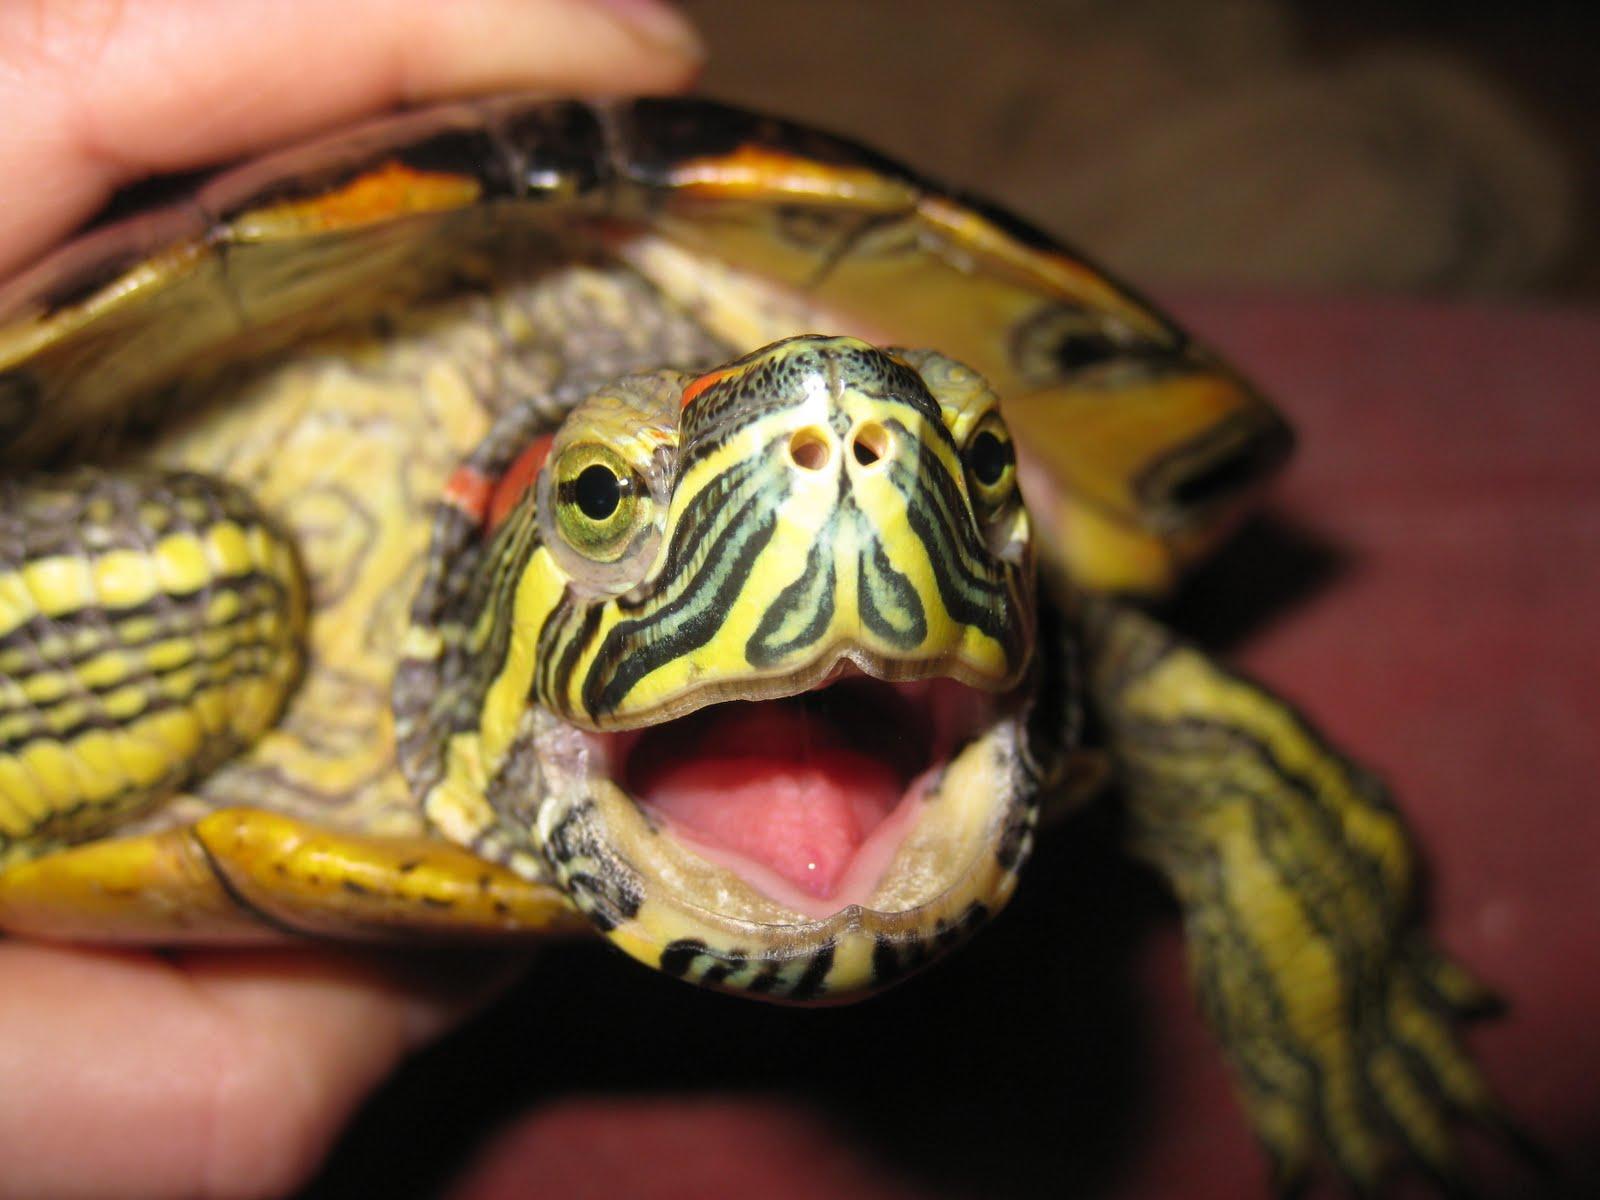 Болезни красноухих черепах. Симптомы и лечение